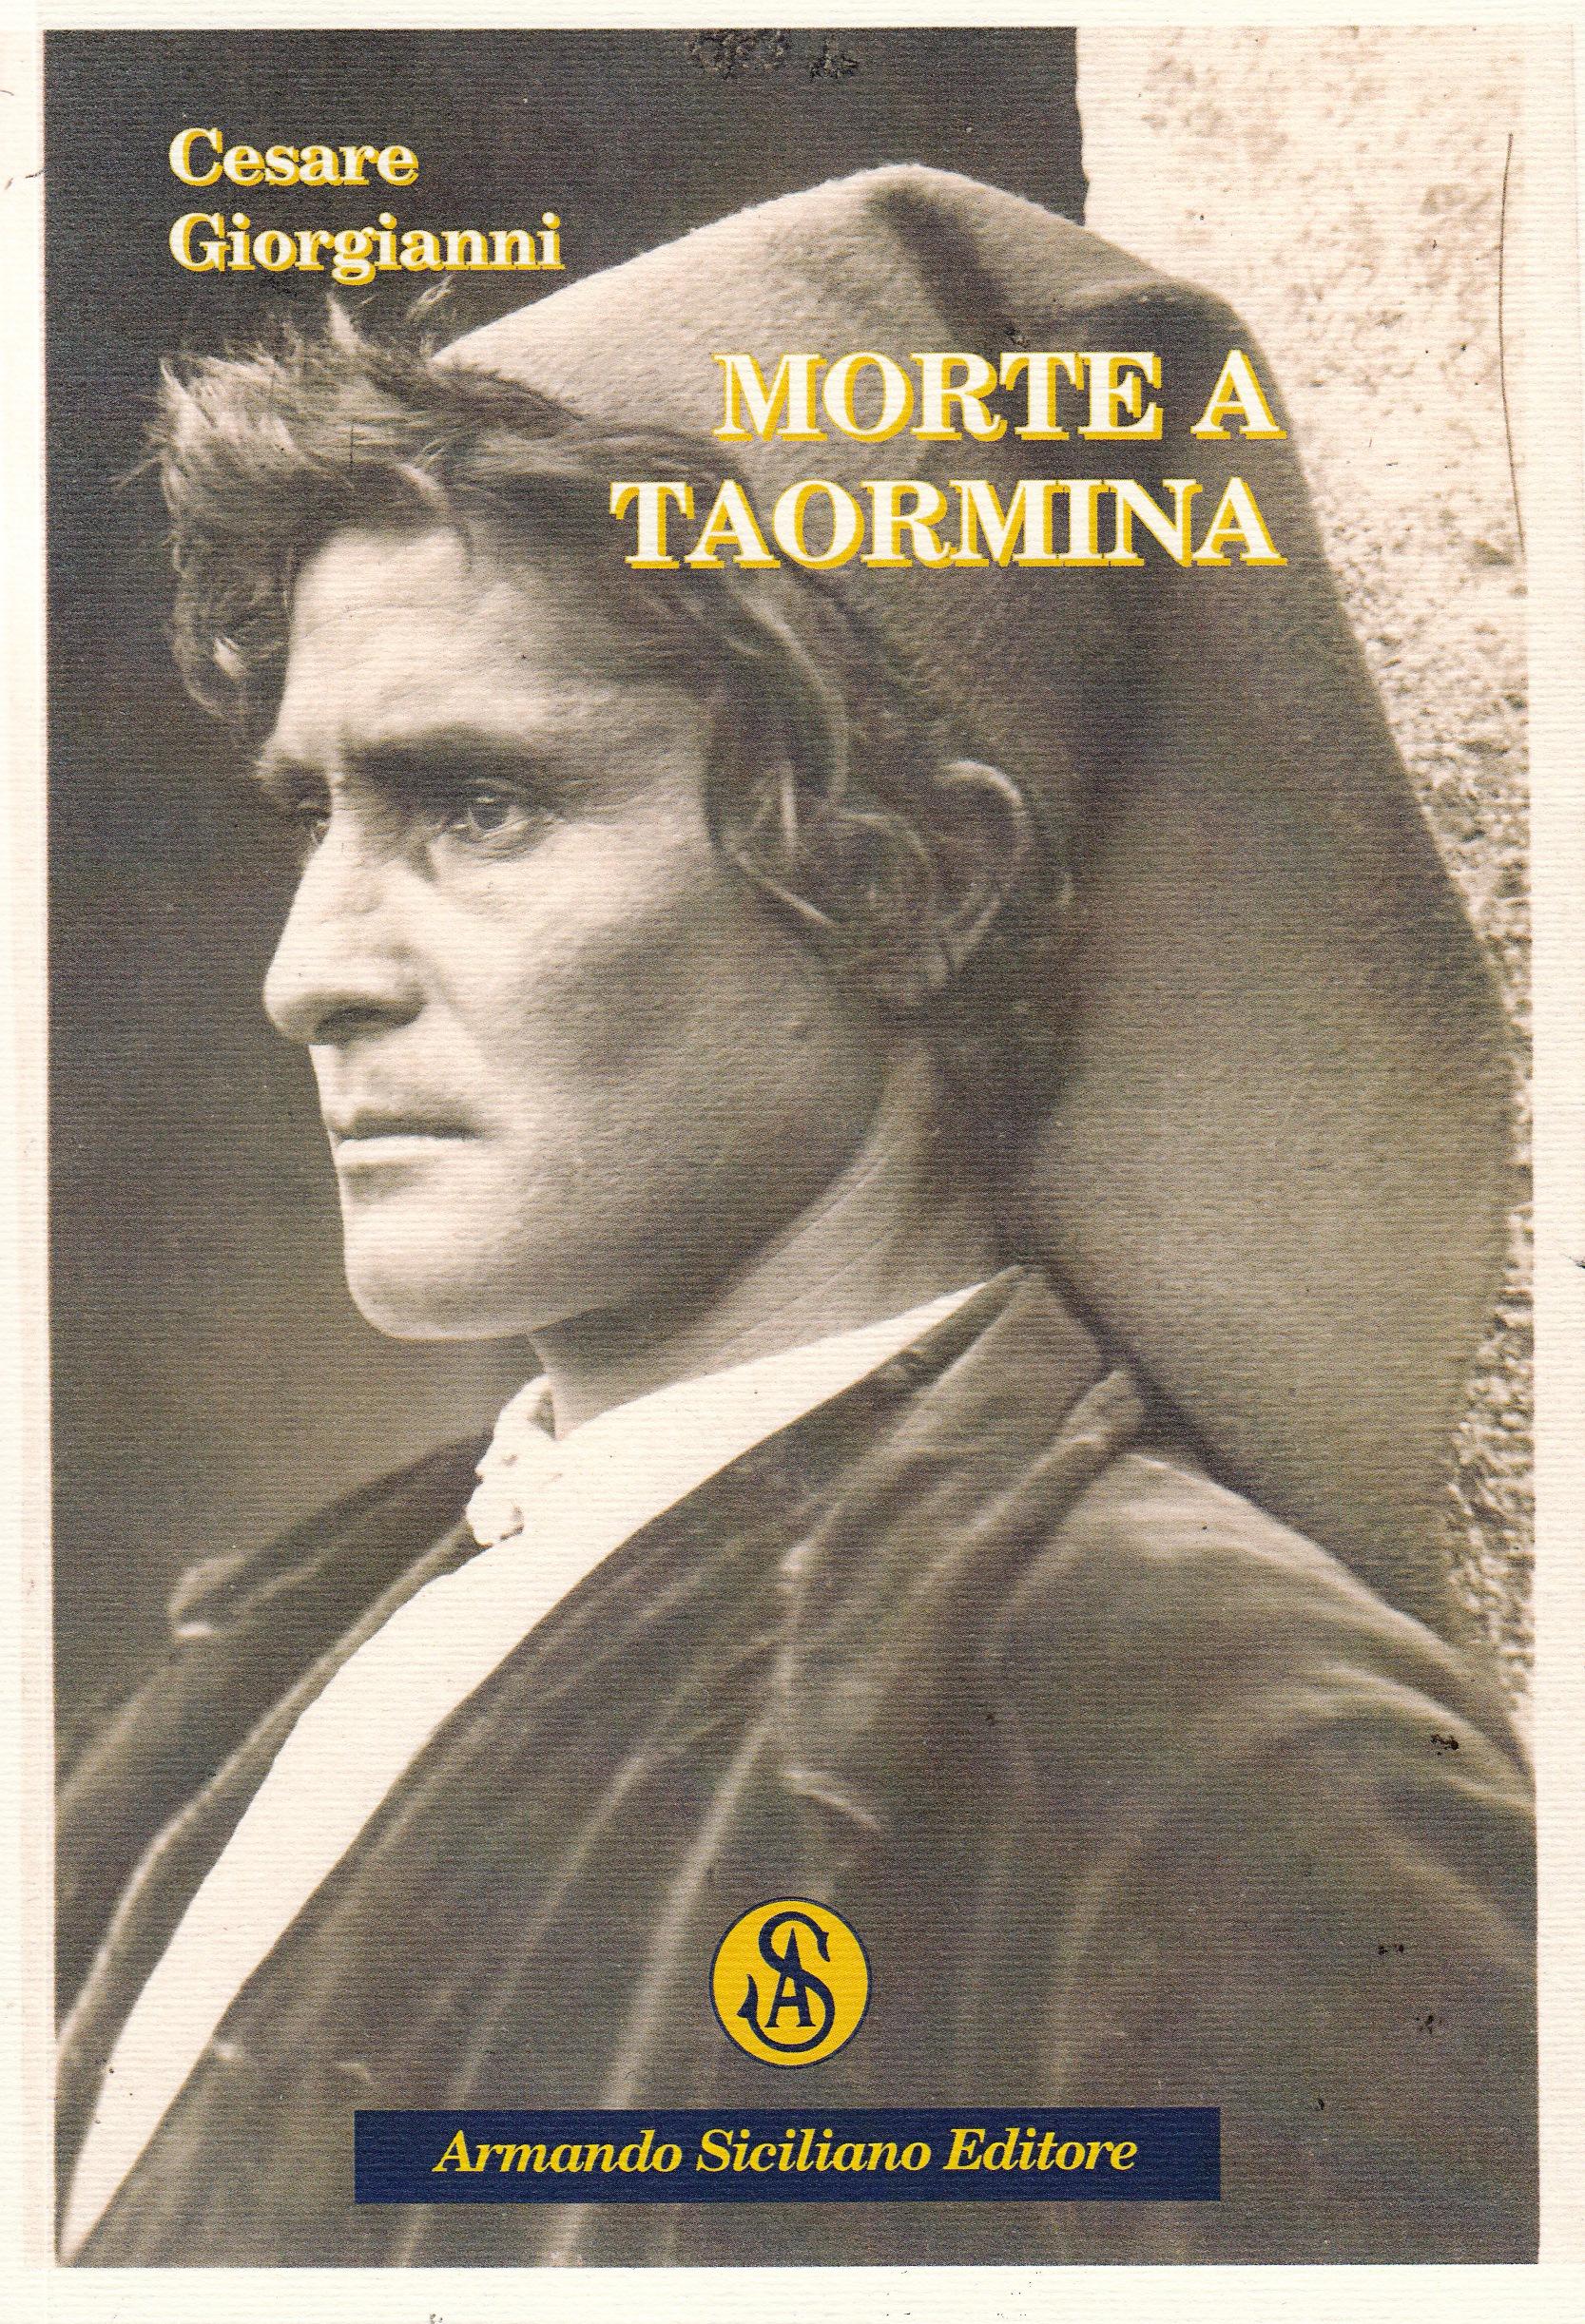 Cultura morte a taormina il nuovo romanzo del for Pro loco taormina